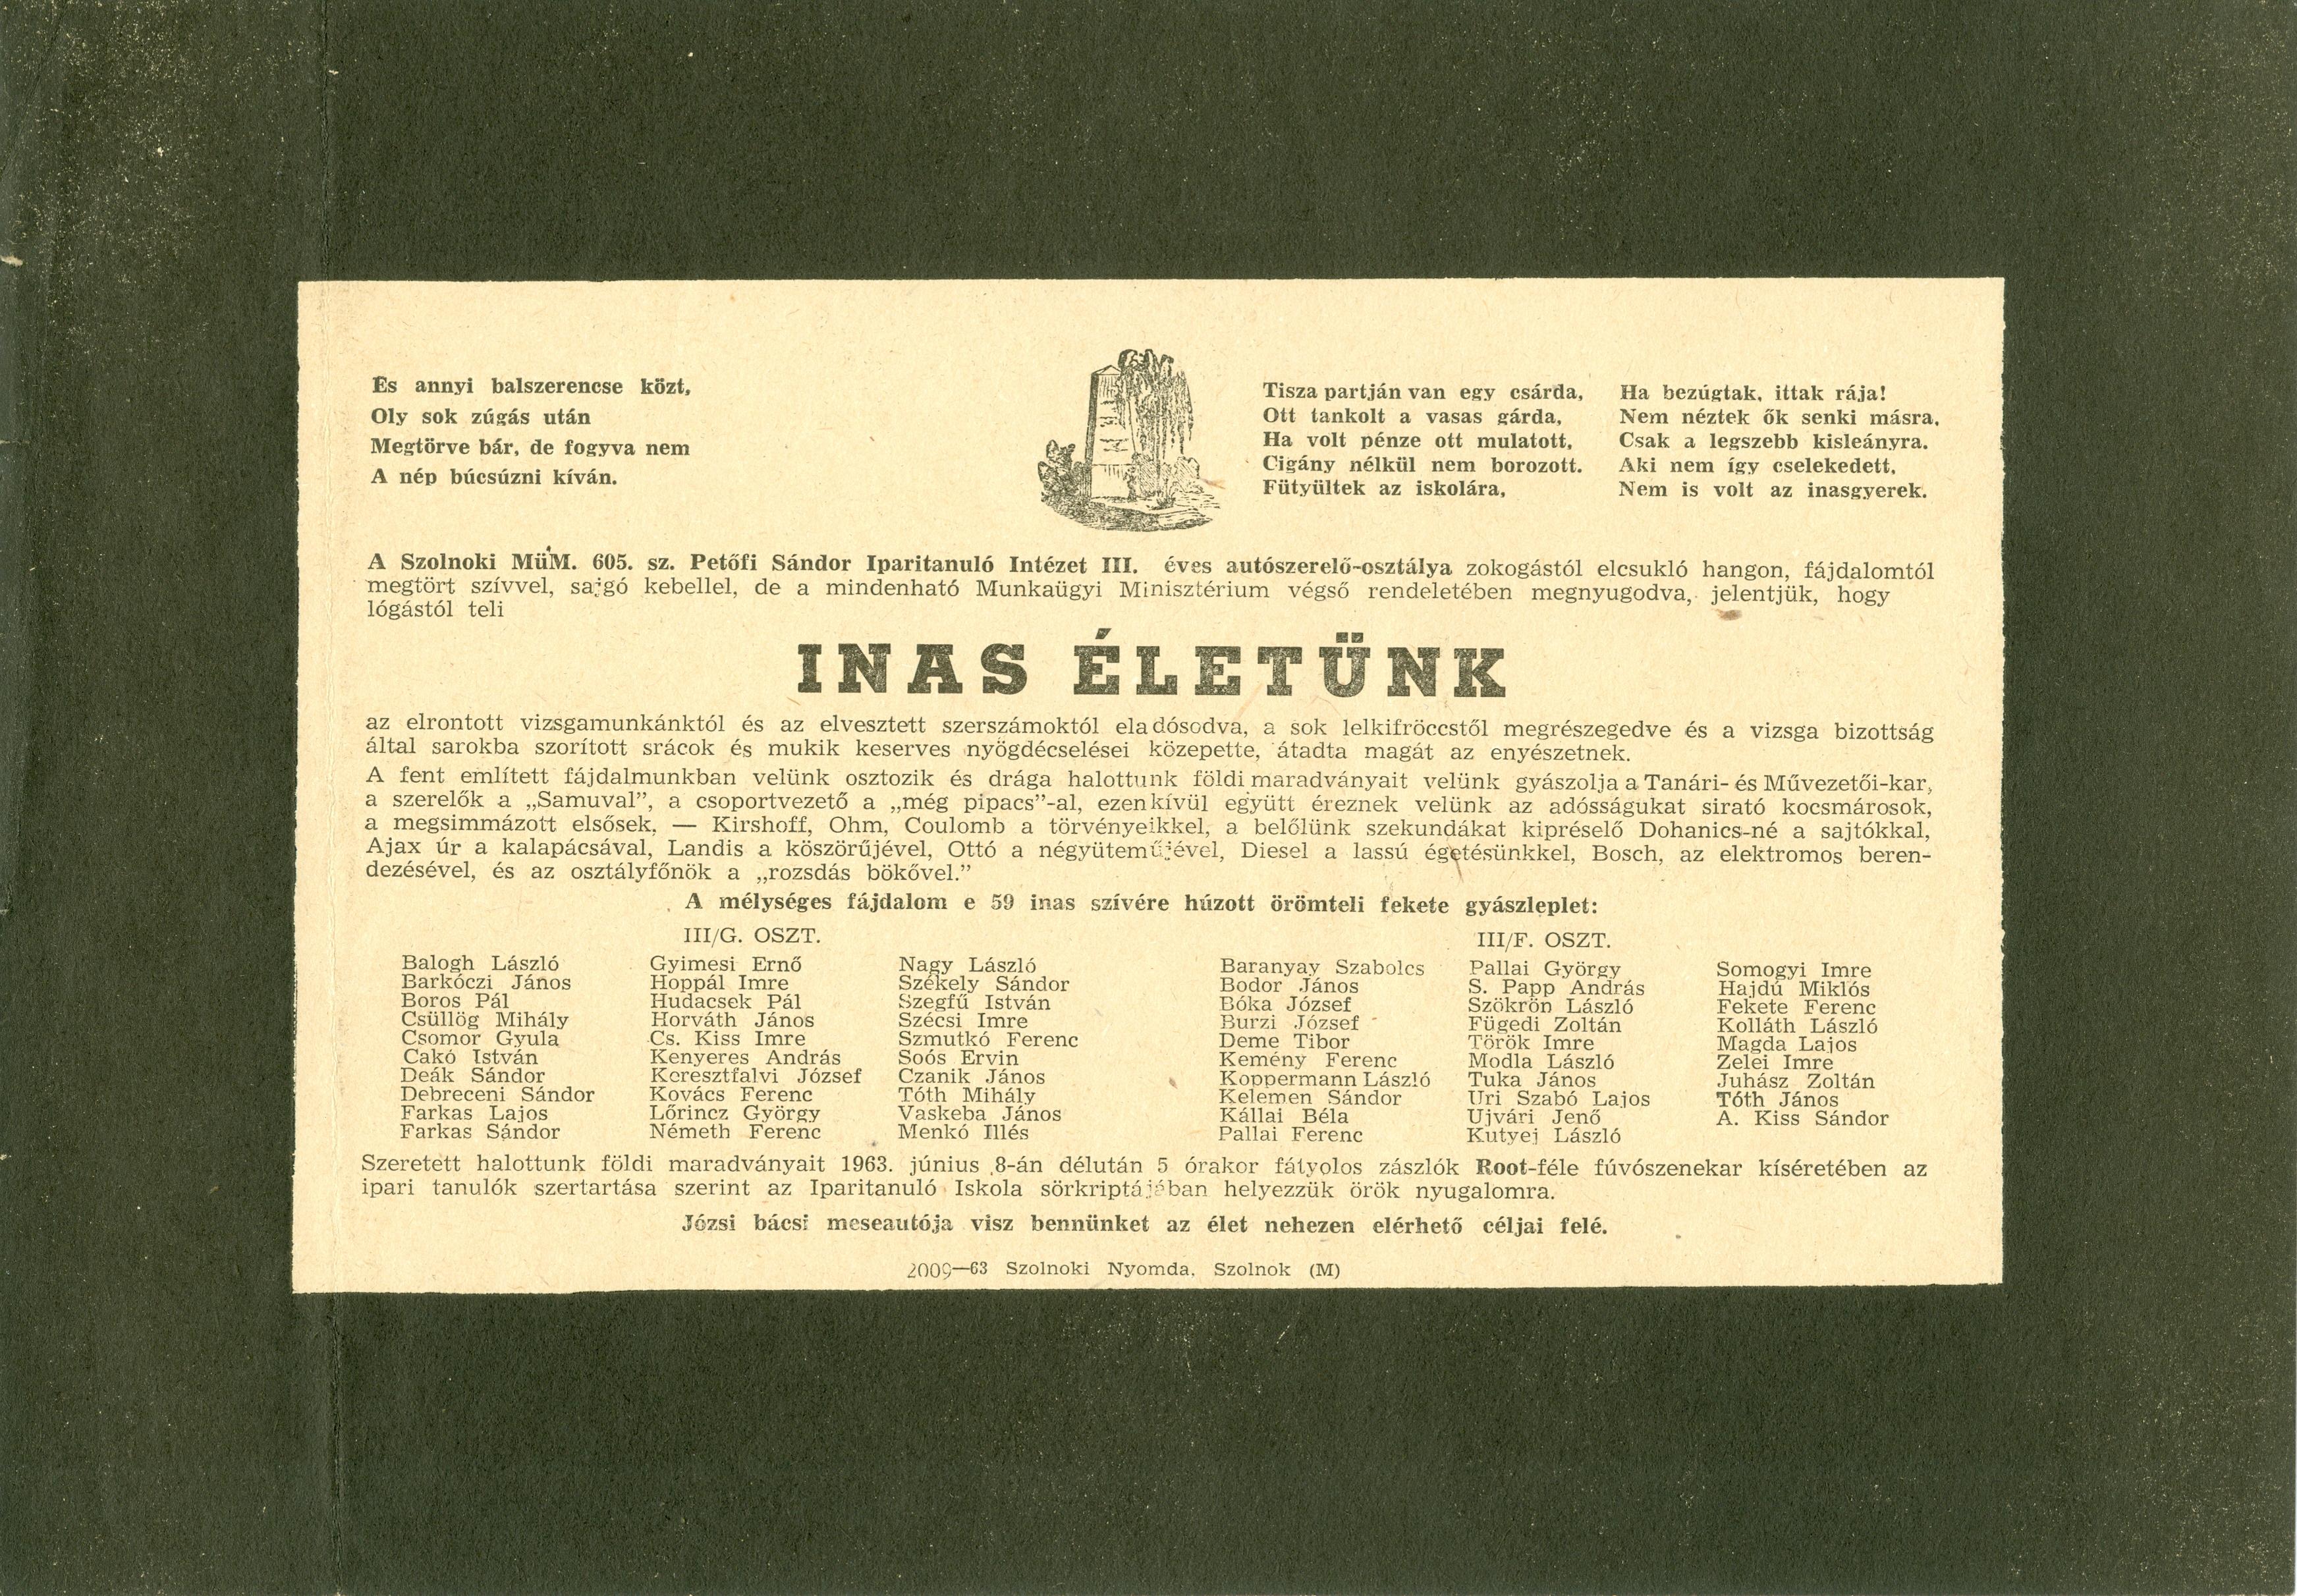 A MÜM. 605. sz. Petőfi Sándor Iparitanuló Intézet ballagási meghívója